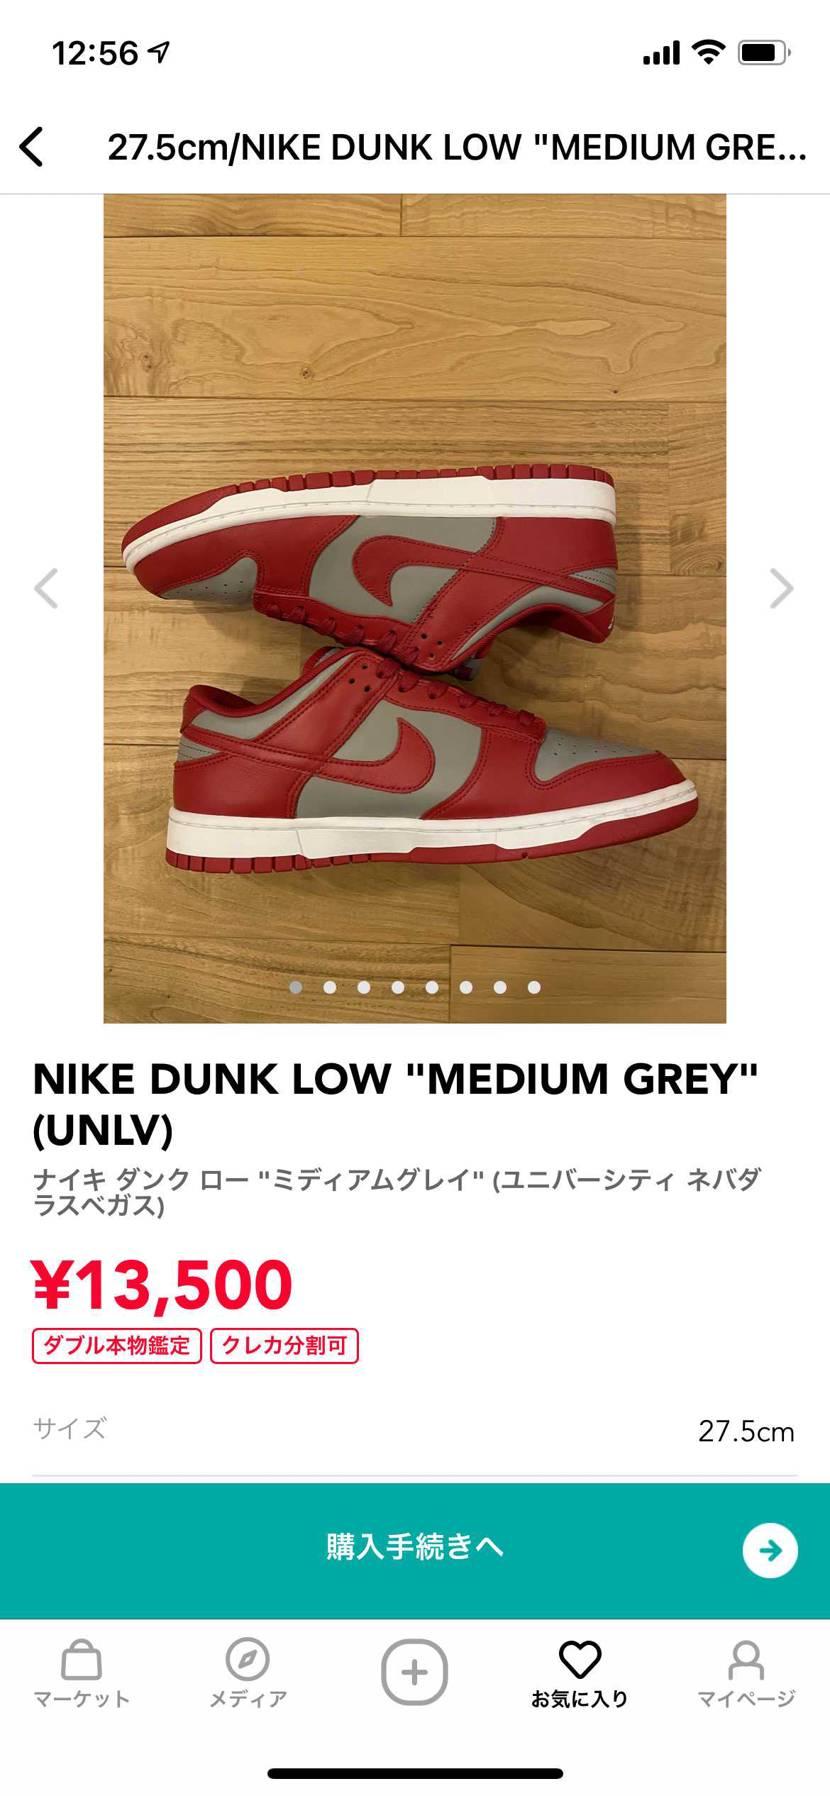 美品中古27.5cm¥13500で出品しております。